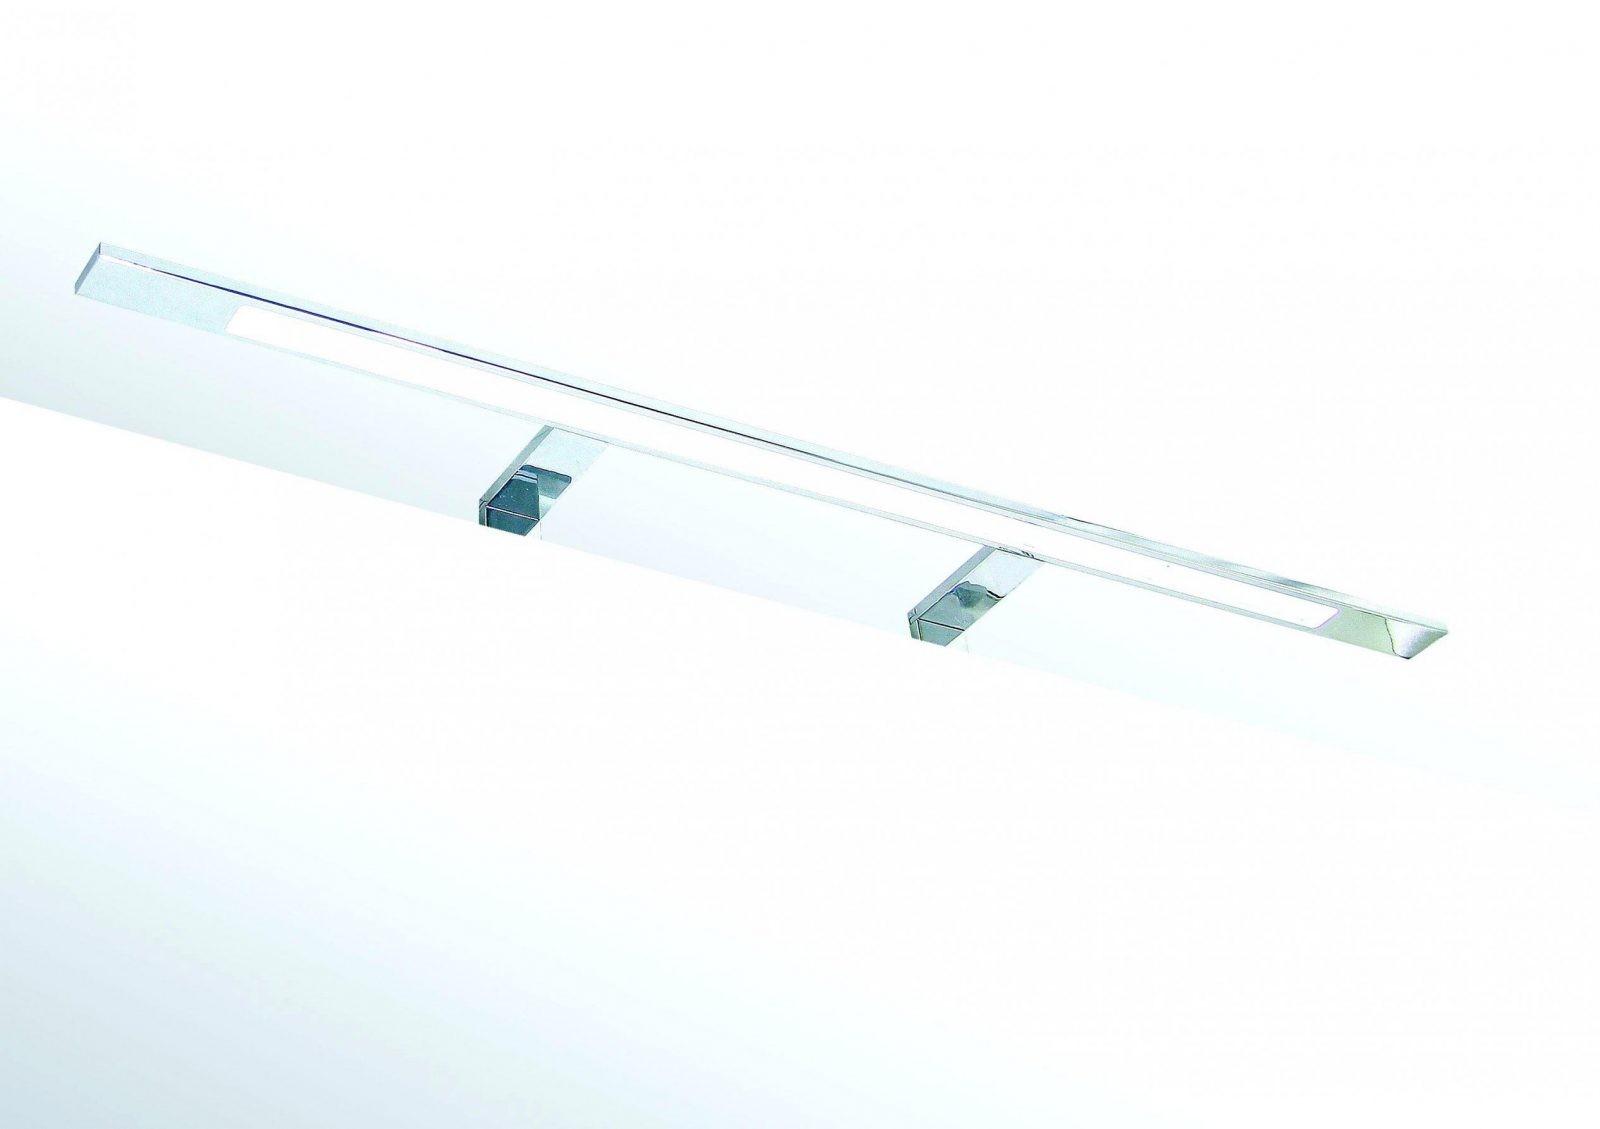 Spiegelbeleuchtung Badezimmerspiegel Beleuchtung Spiegelbeleuchtung von Bilder Beleuchtung Mit Batterie Bild